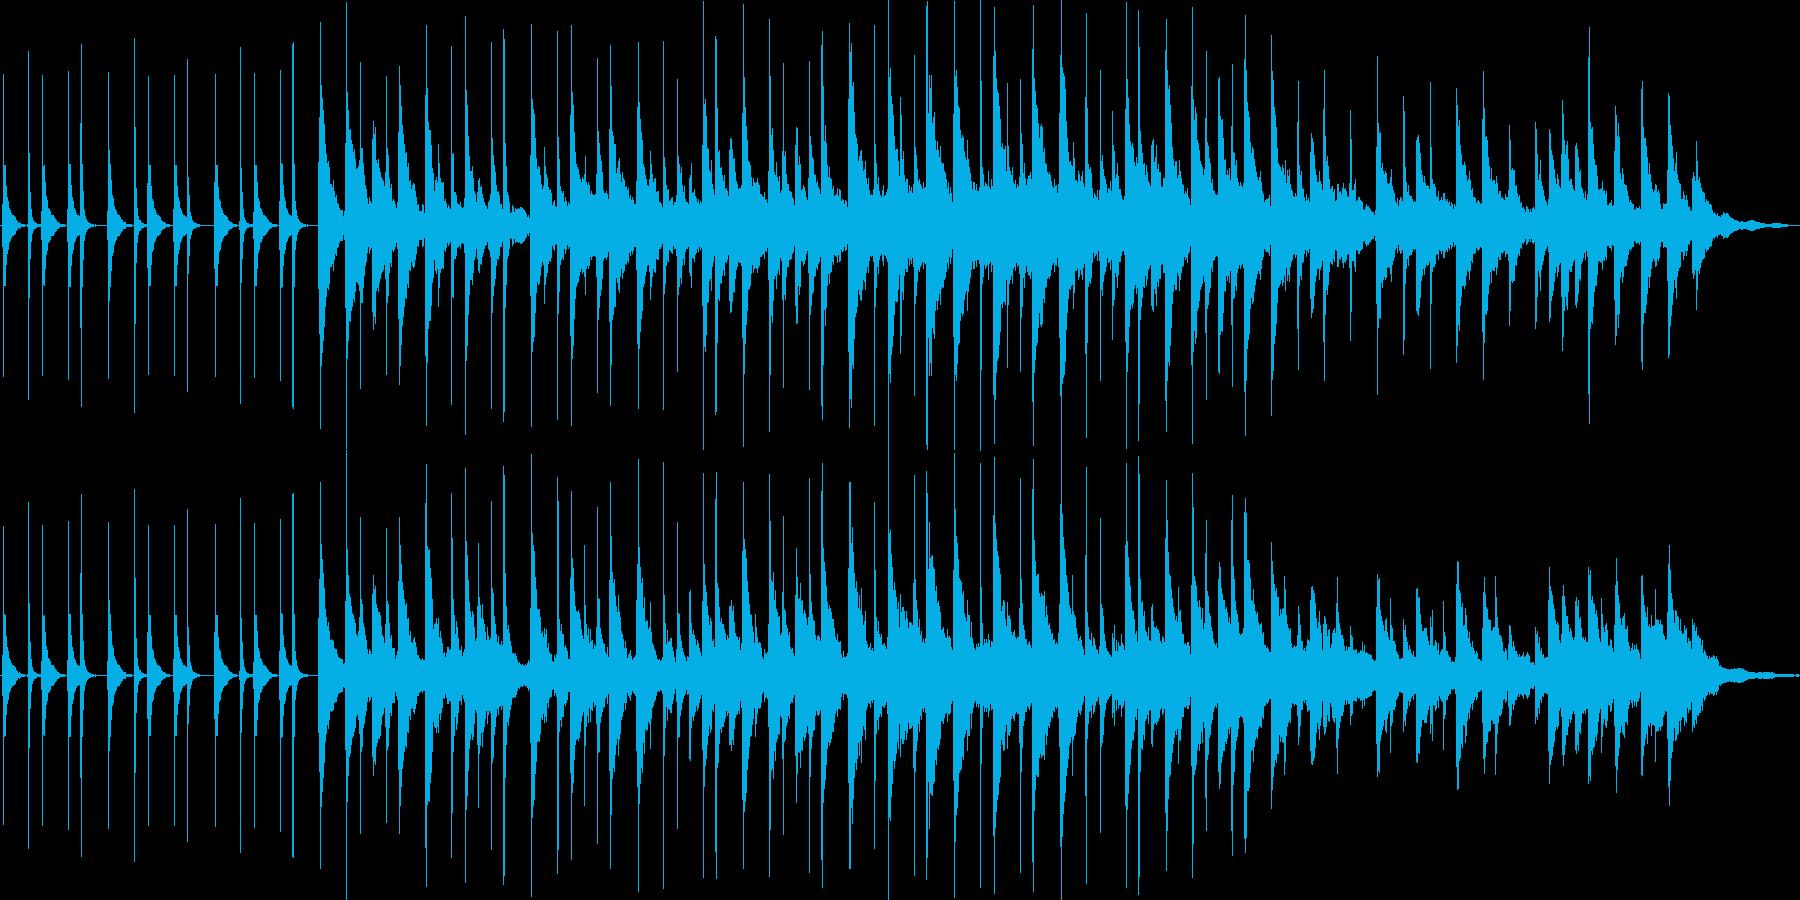 ほのぼの系CM用BGMの再生済みの波形